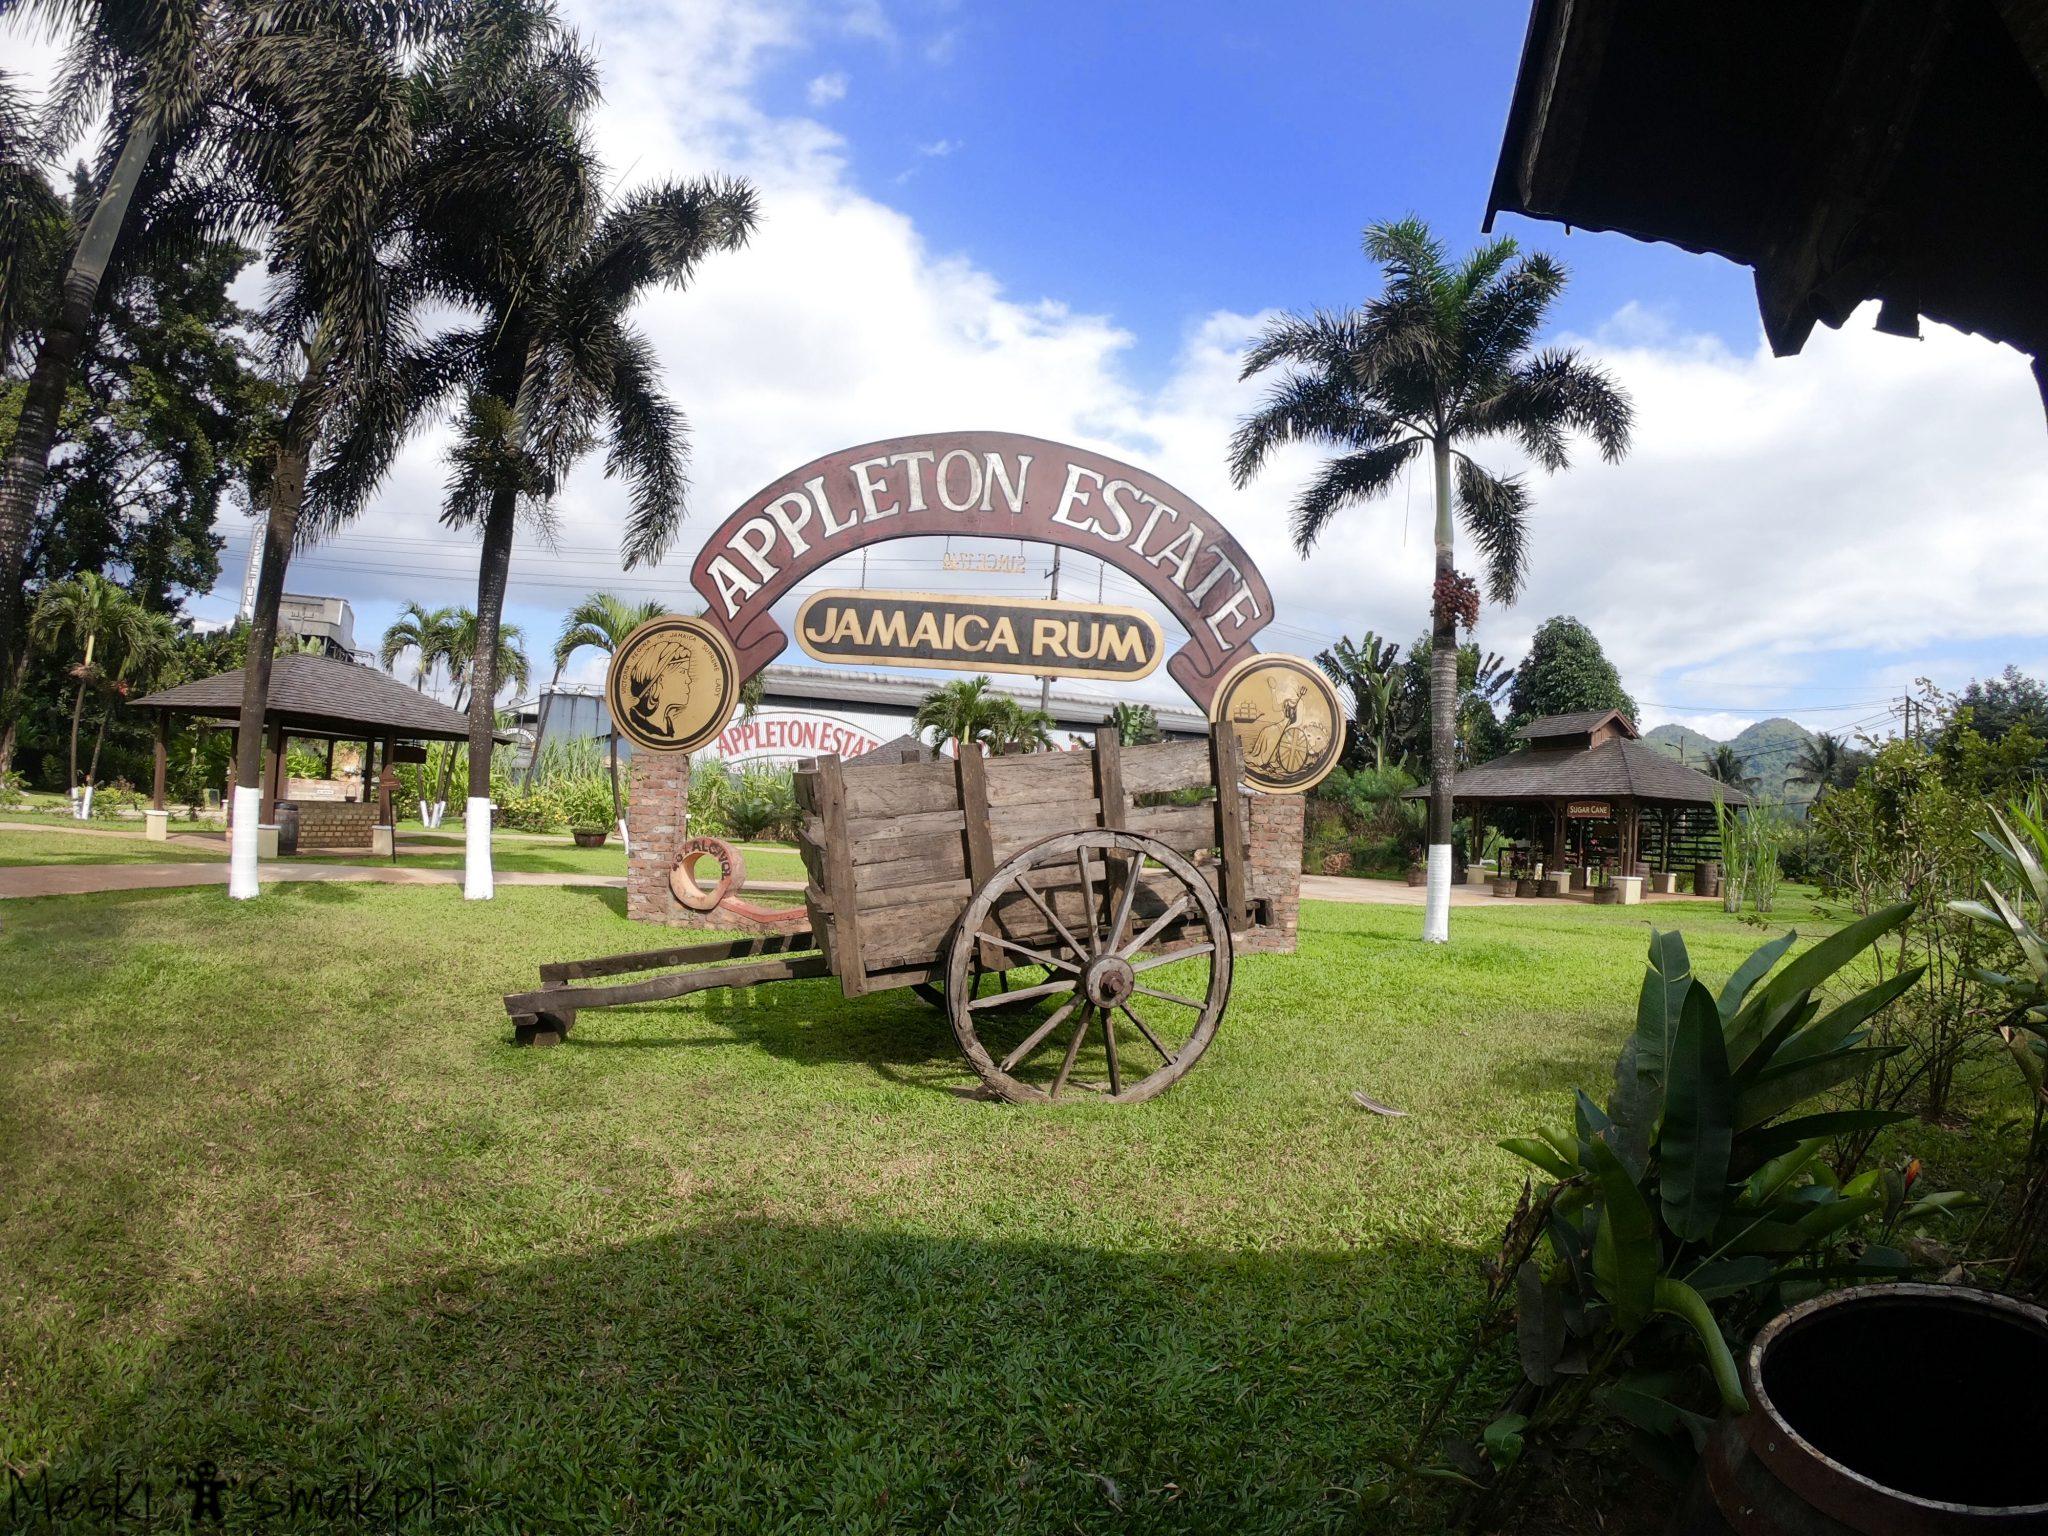 Wakacje i wycieczki Jamajka_wszystko o Fabryka Appleton Estate Rum 11